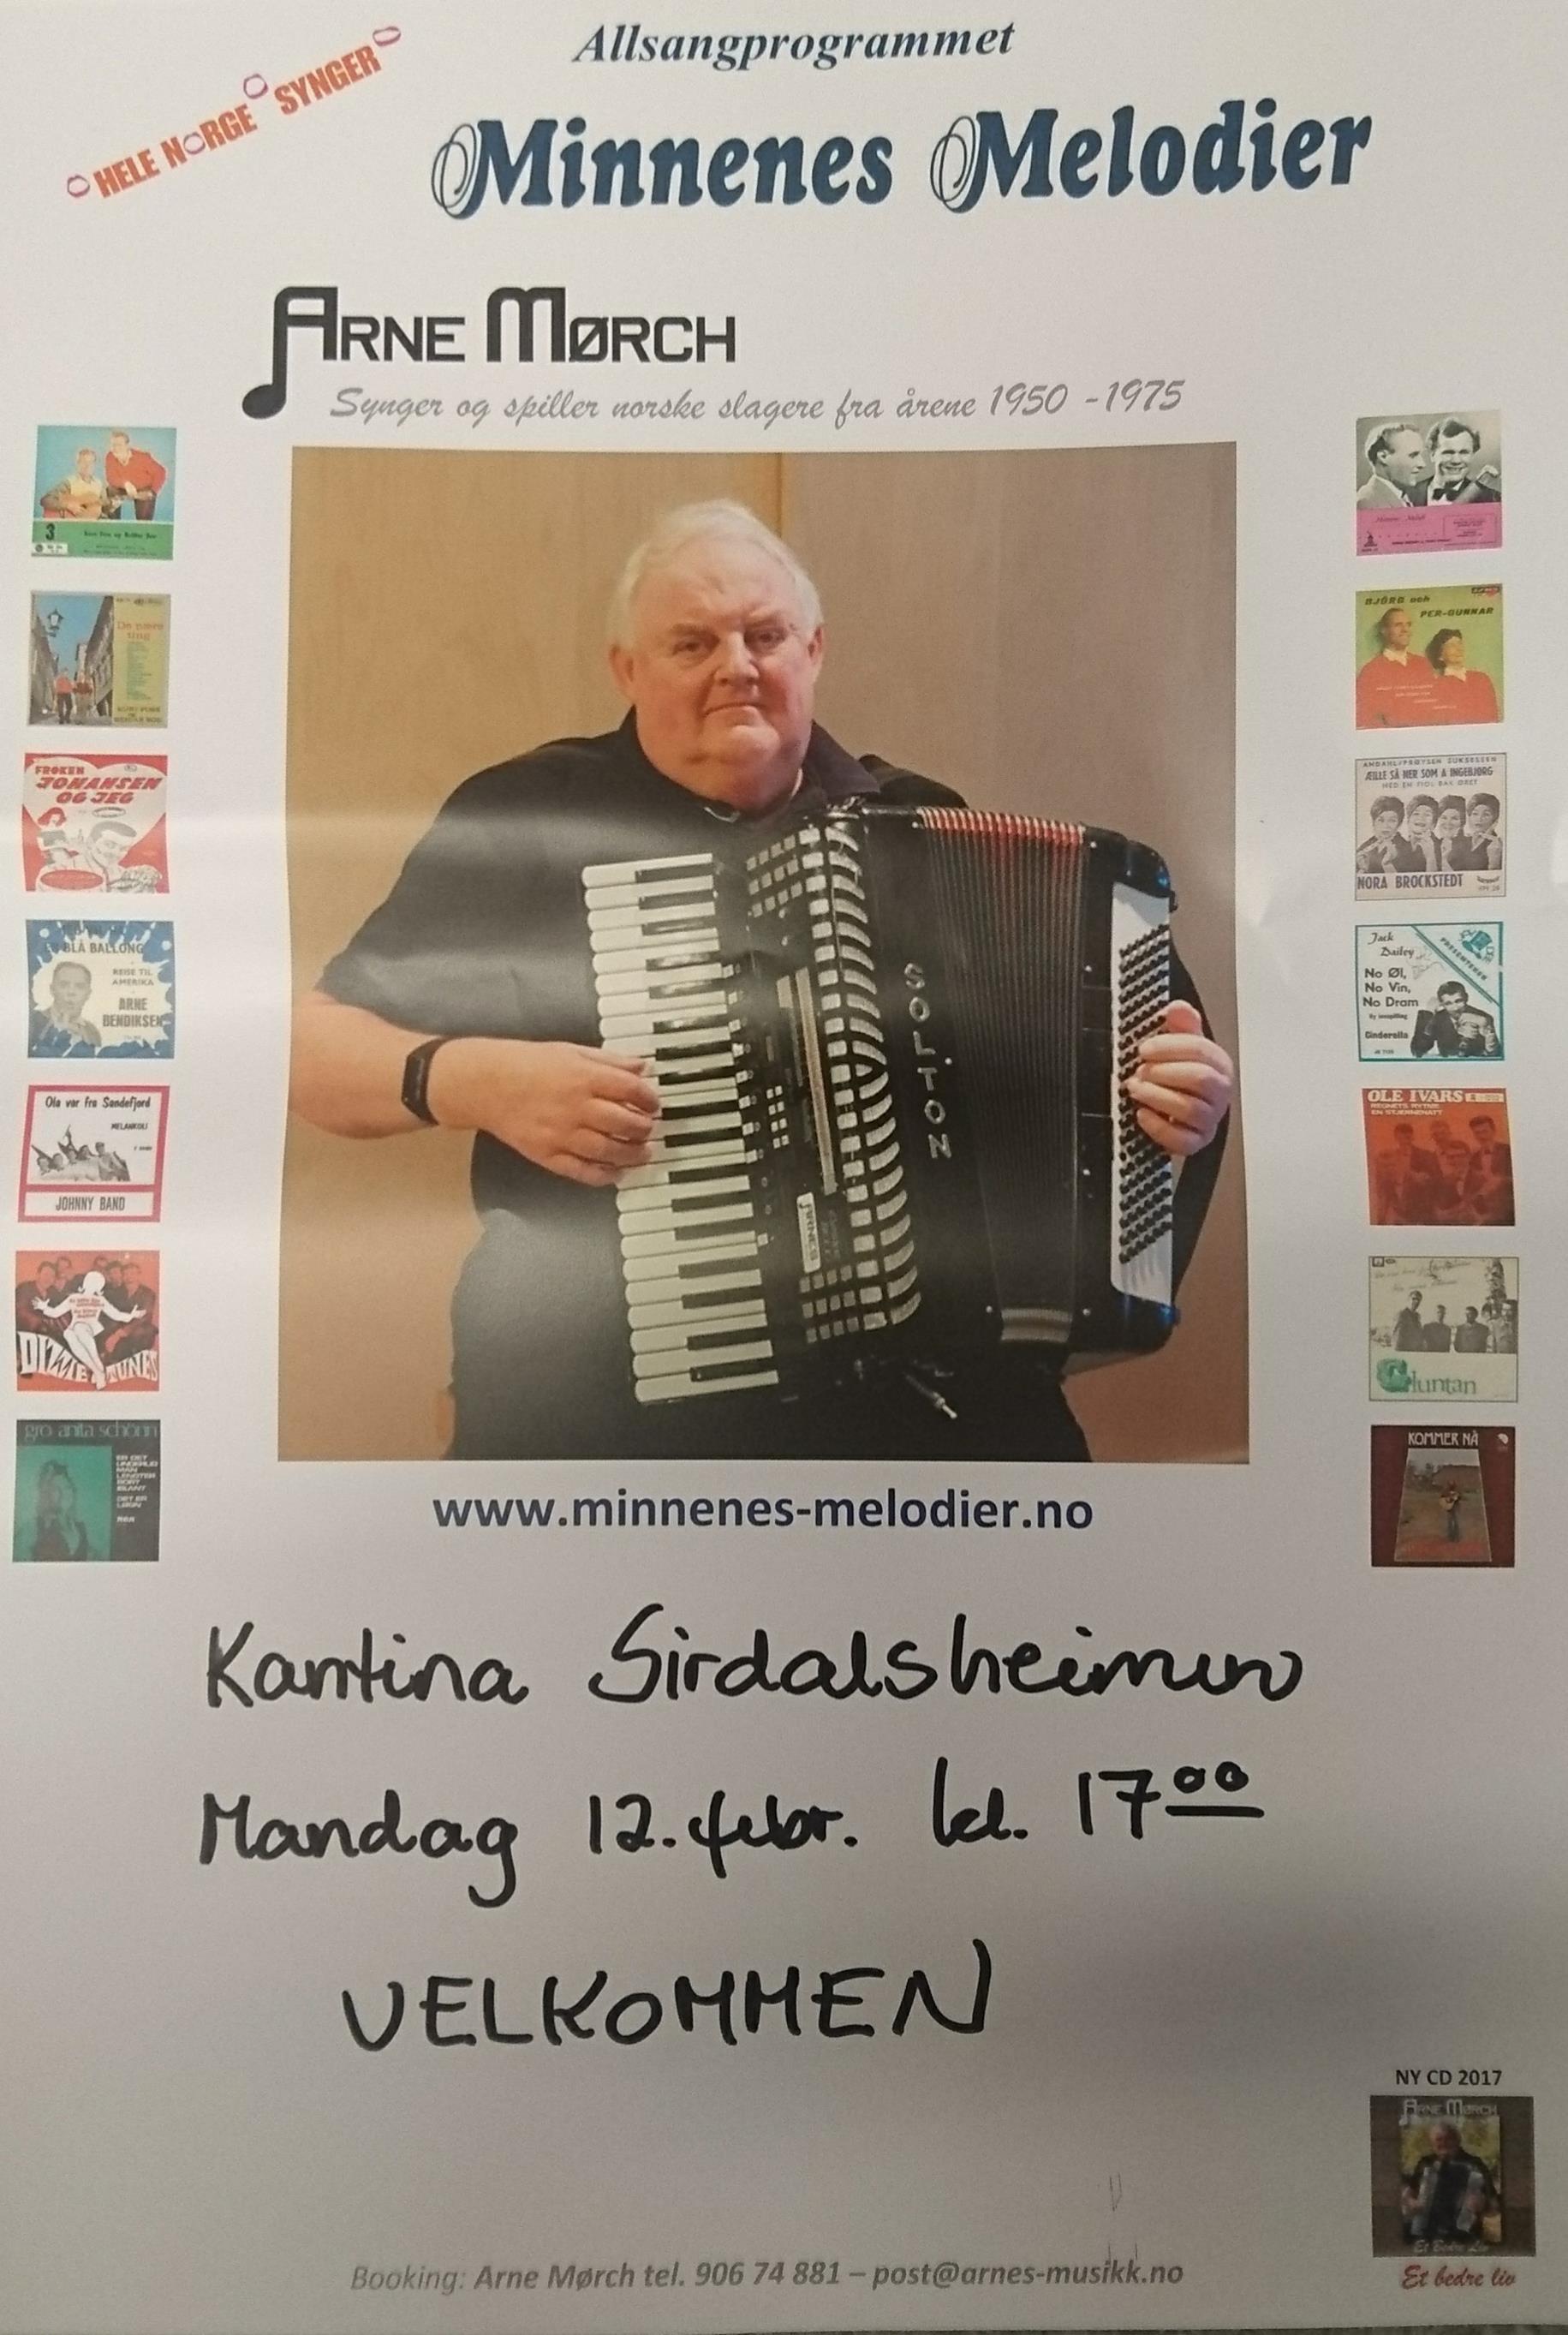 Bilde Konsert Sirdalsheimen.jpg